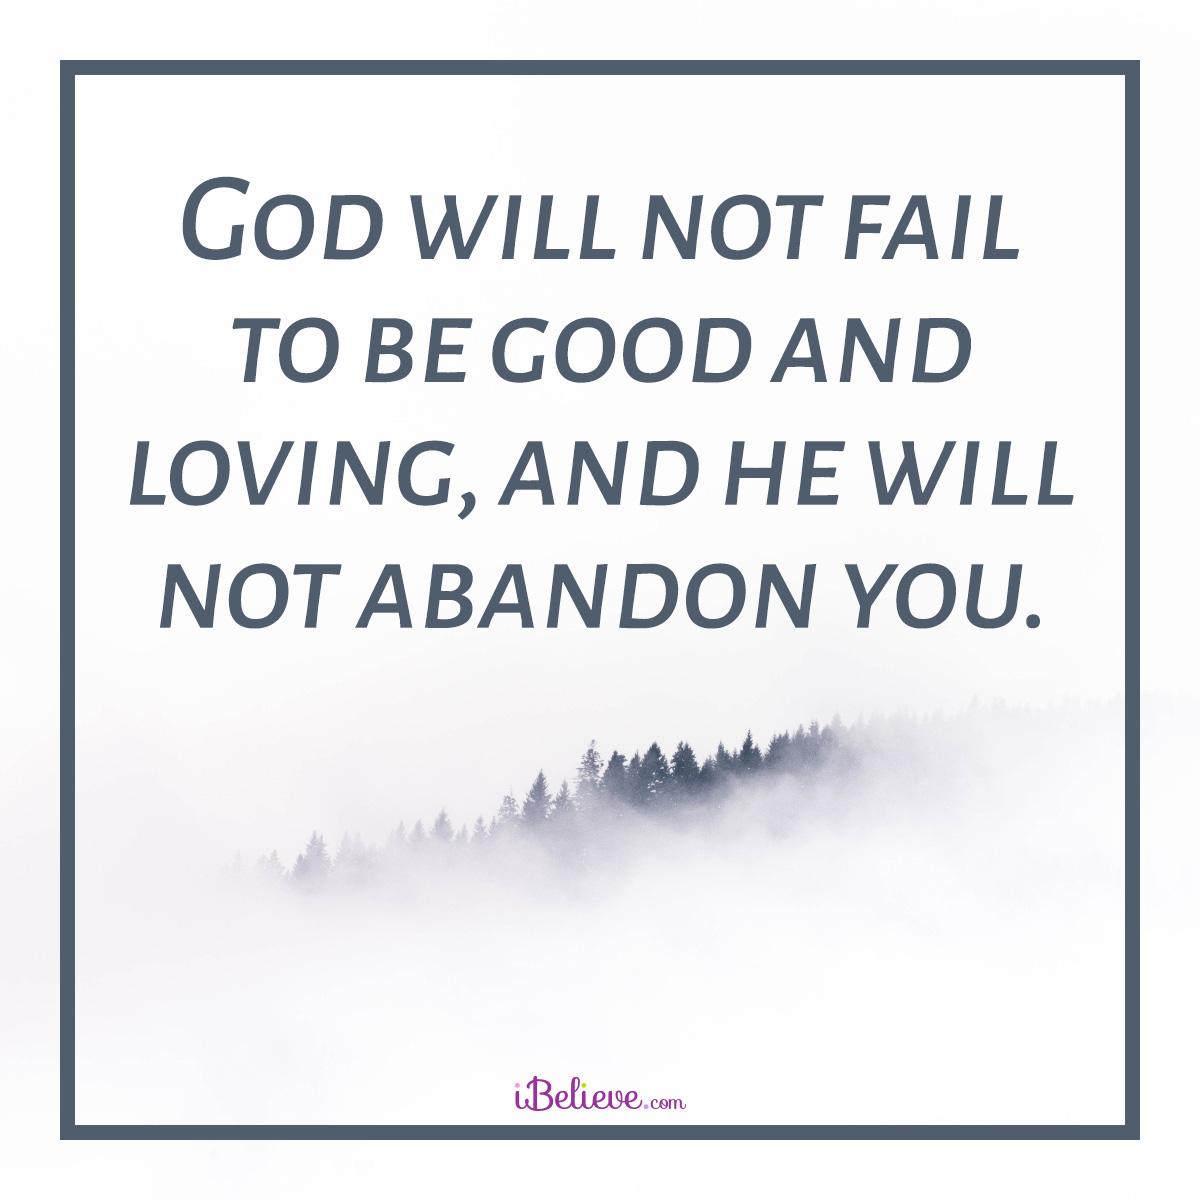 God-will-not-fail-sq